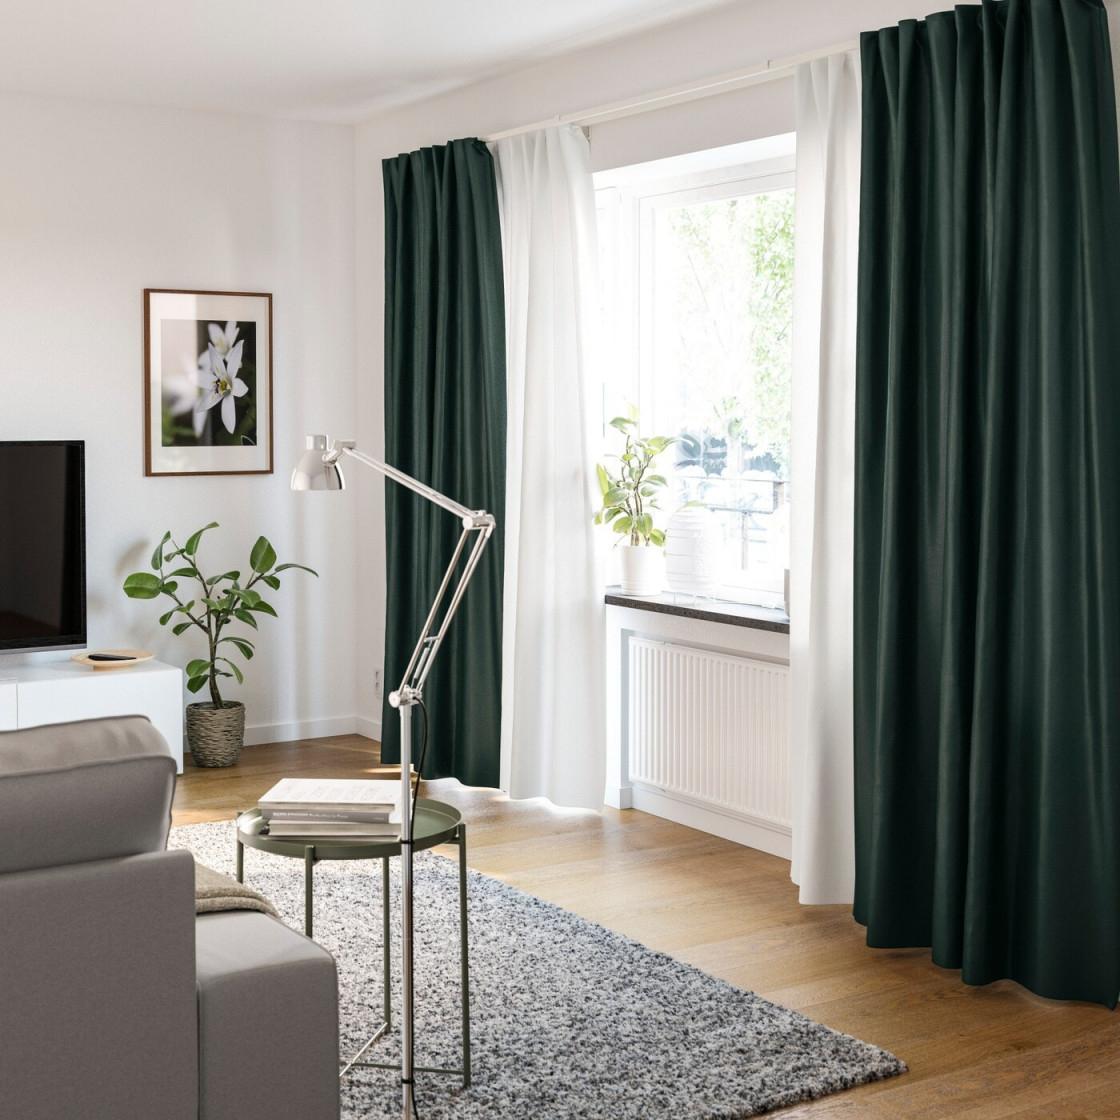 Gardinenideen Inspirationen Für Dein Zuhause  Ikea von Ideen Vorhänge Wohnzimmer Bild